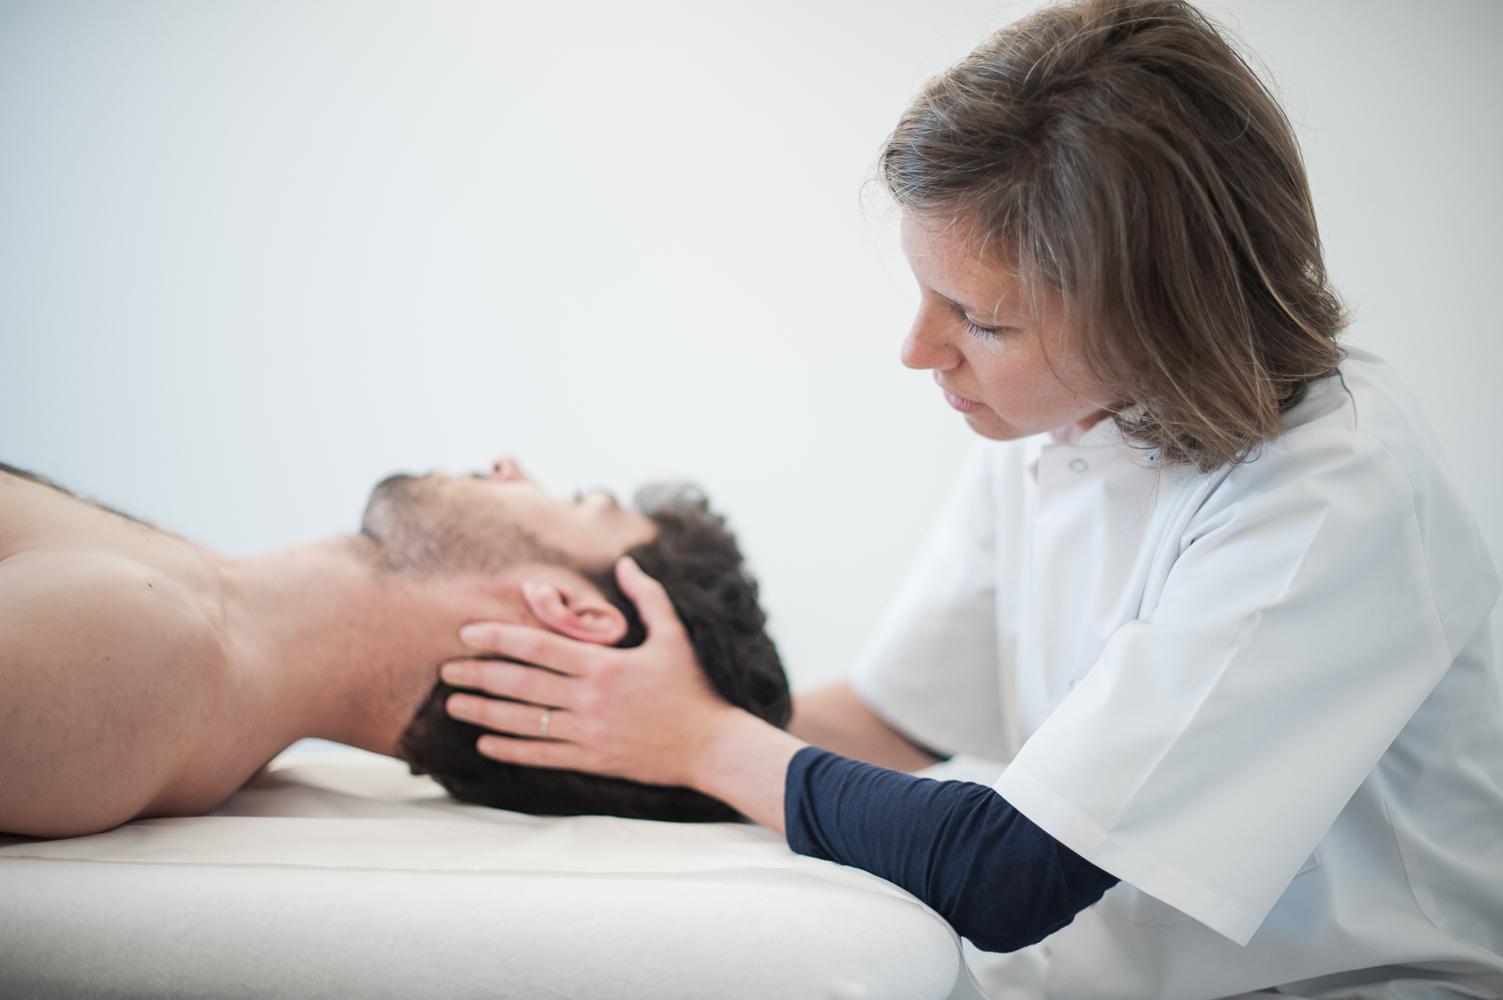 Photographie médicale isère Benoît GILLARDEAU